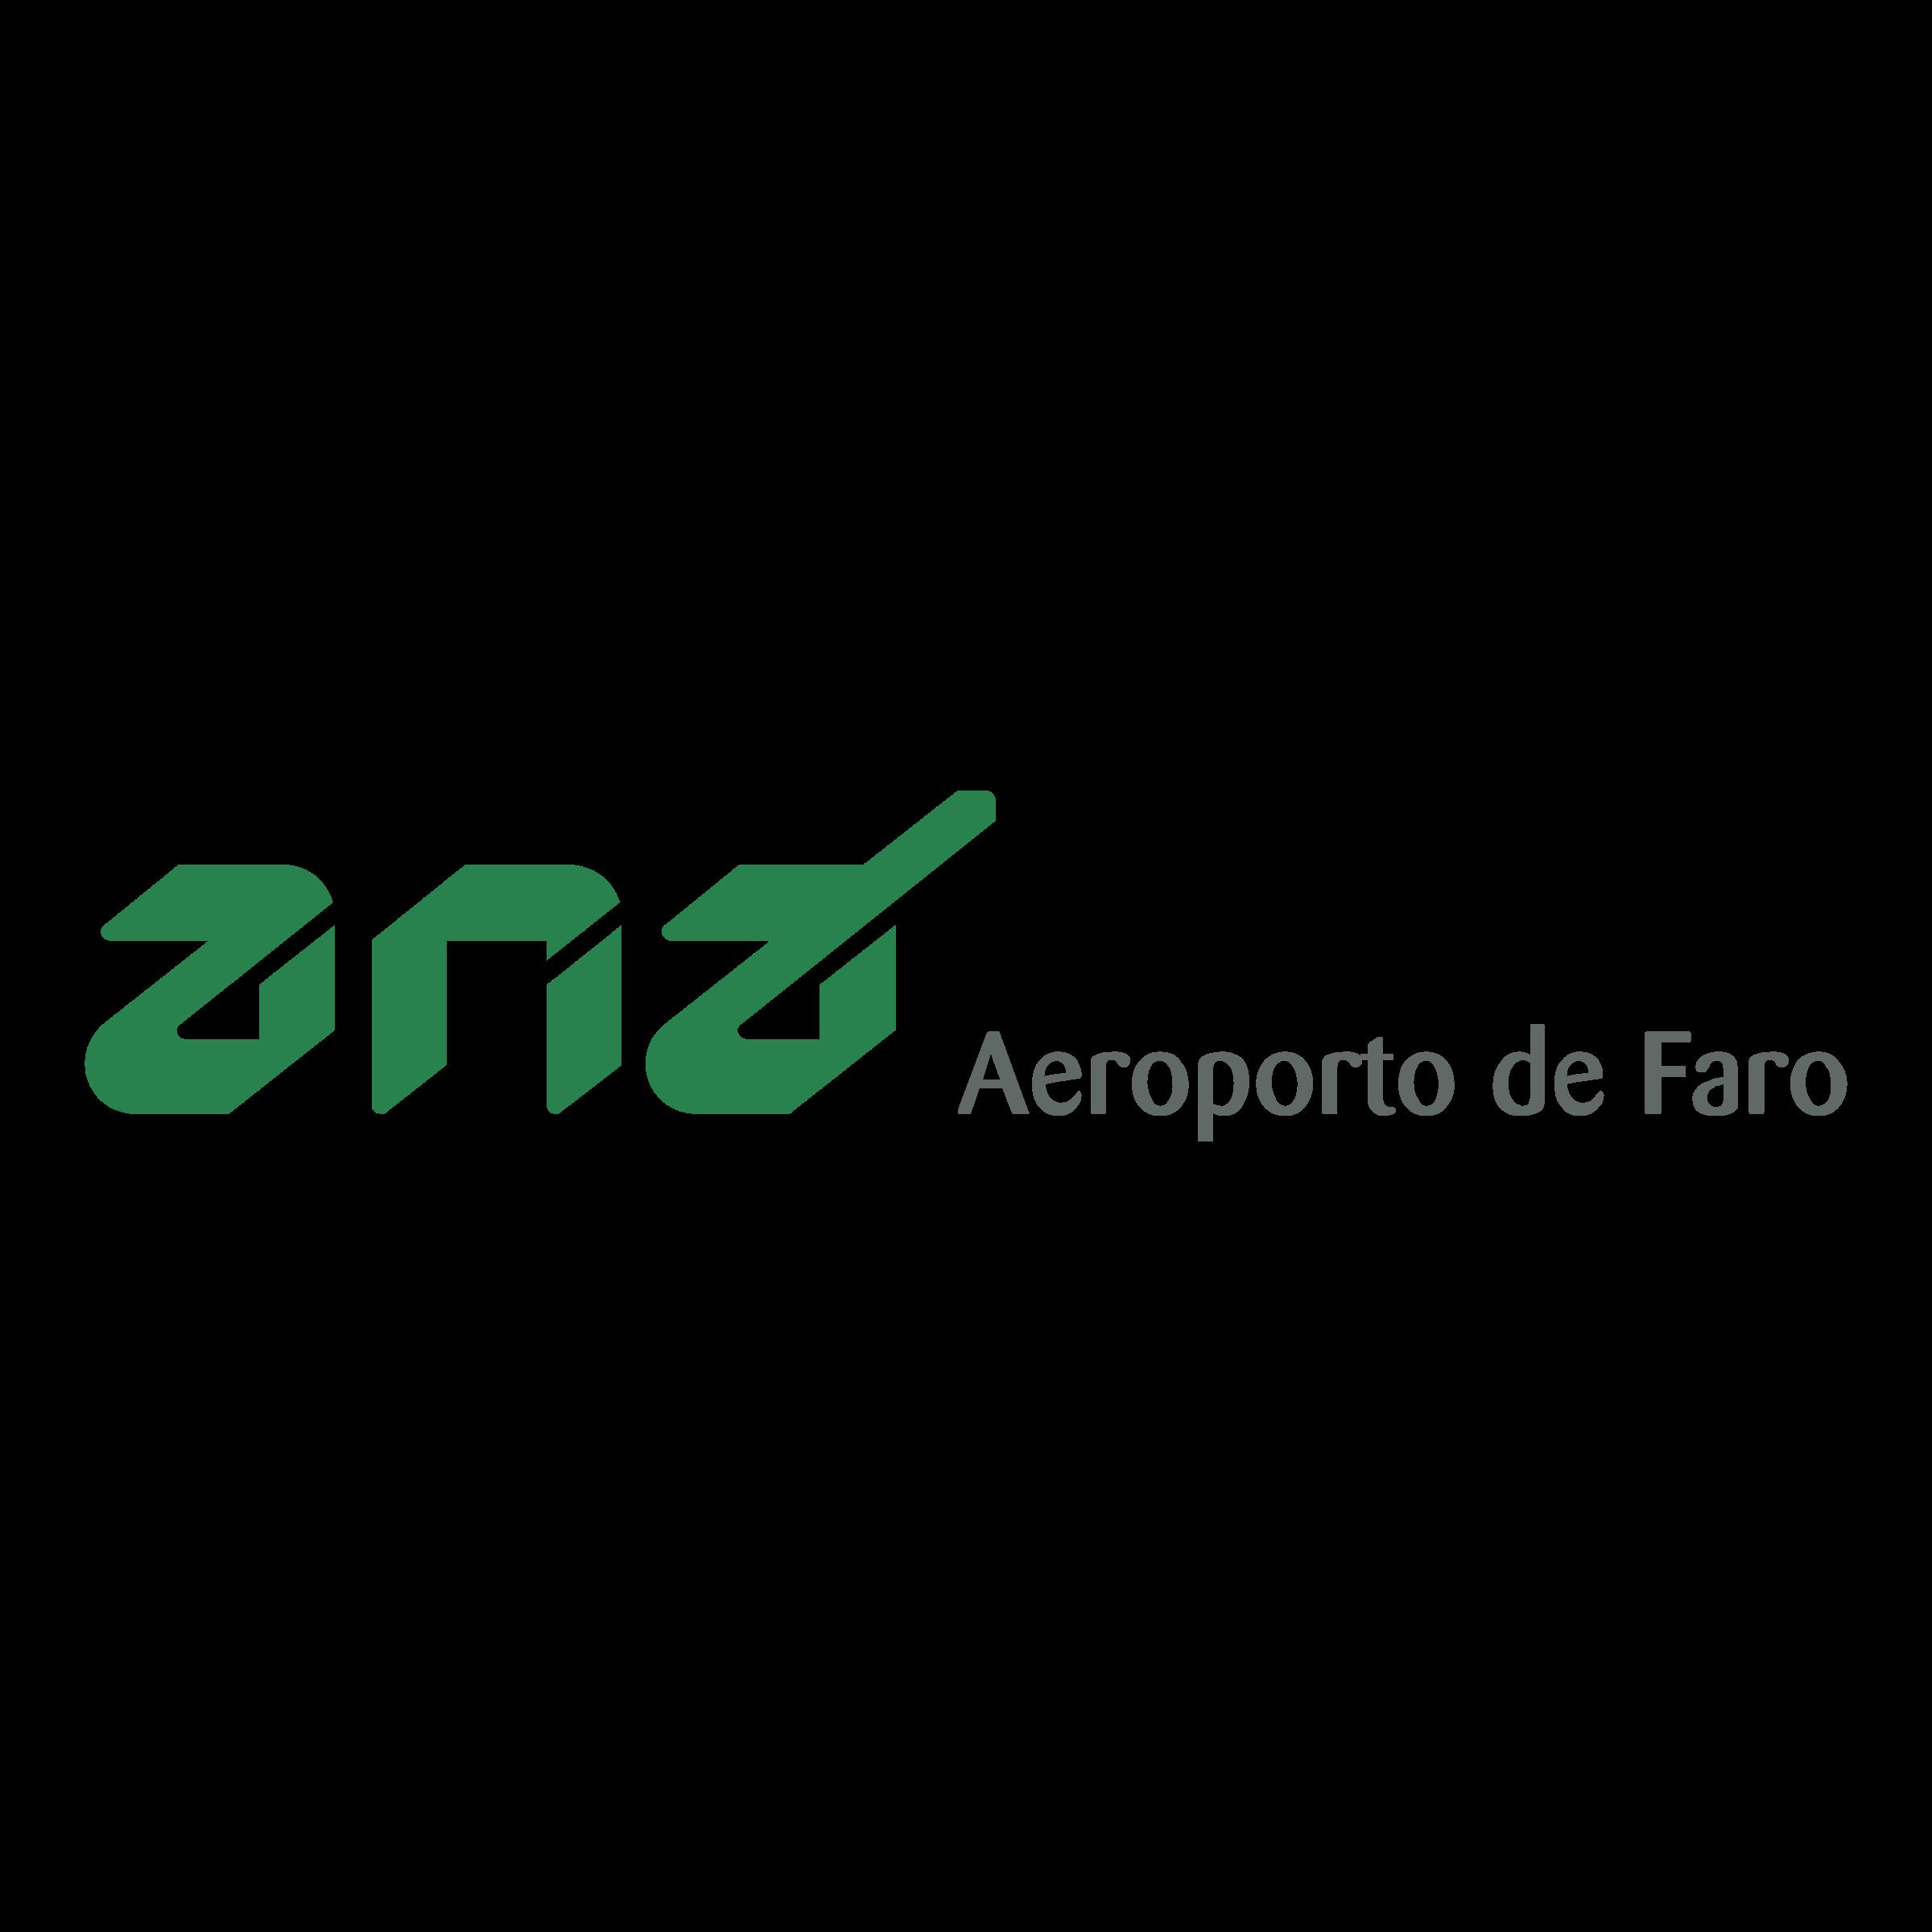 Resultado de imagen para Aeroporto Faro